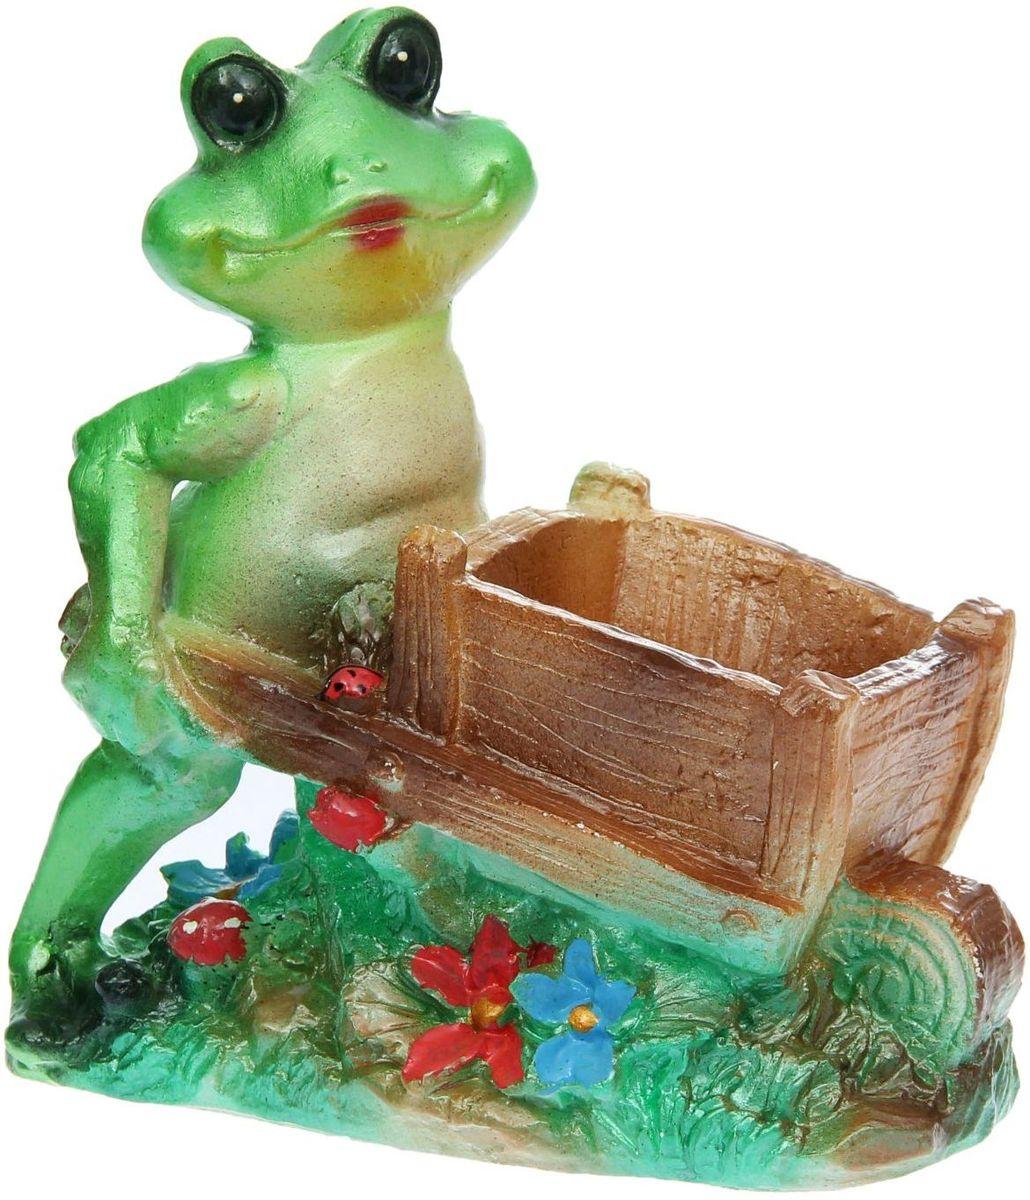 Фигура садовая Premium Gips Лягушка с телегой, 13 х 22 х 23 см1148479Фигура садовая Premium Gips Лягушка с телегой добавит новые краски в ландшафт сада, расставит нужные акценты: приманит взор к водоёму или привлечёт внимание к цветочной клумбе.Гармоничнее всего лягушки сморятся в местах своего природного обитания: располагайте их рядом с водой или в траве.Фигура из гипса экологичная, лёгкая и долговечная. Она сделает любимый сад неповторимым.